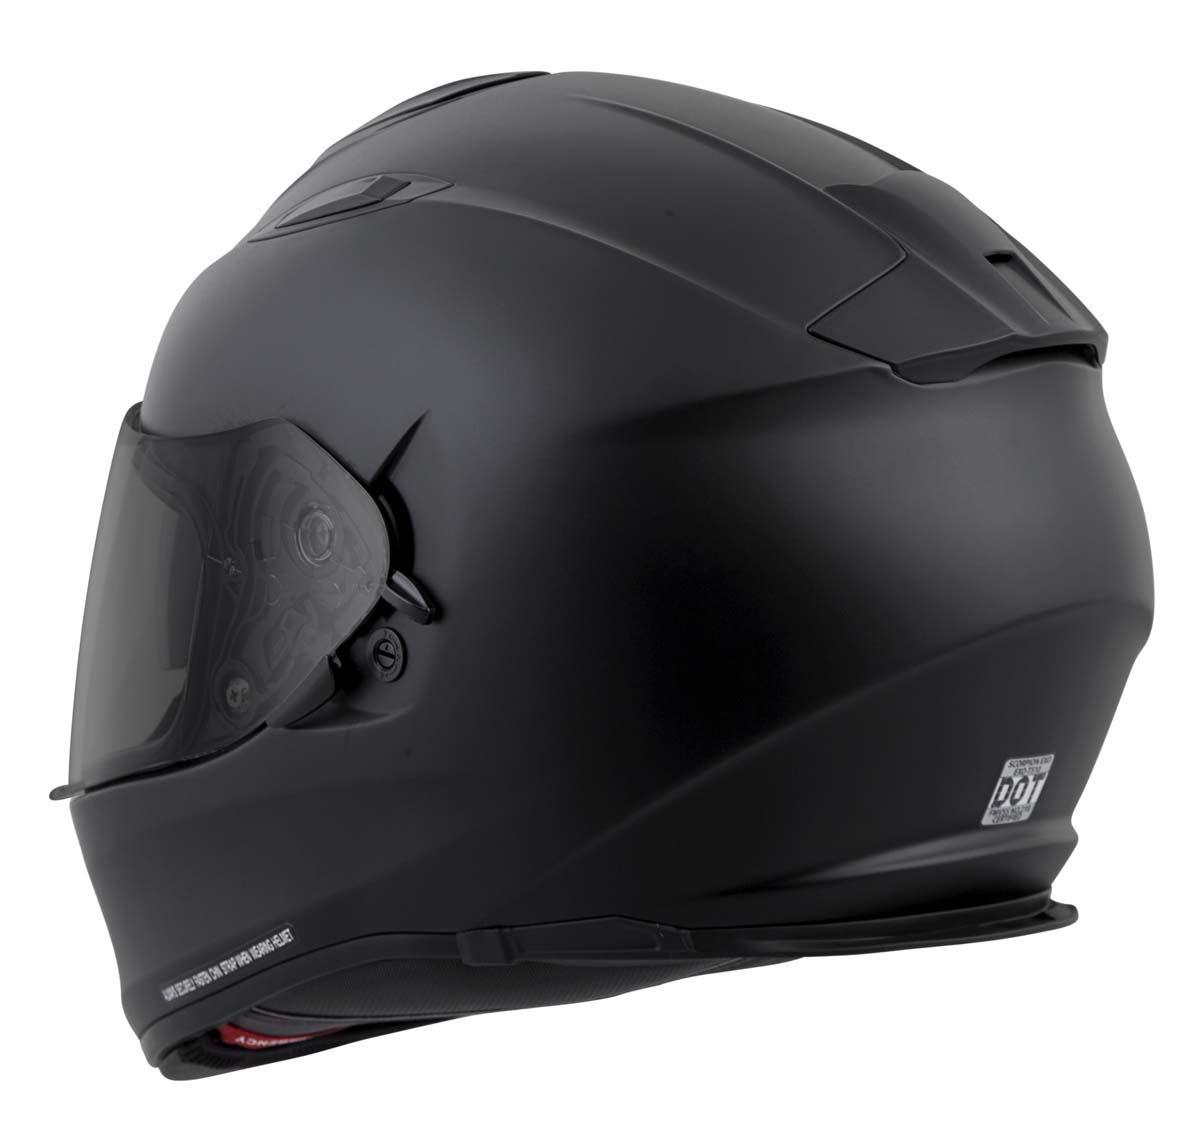 Scorpion-EXO-T510-Helmet-Full-Face-DOT-Approved-Inner-Sun-Shield miniature 6